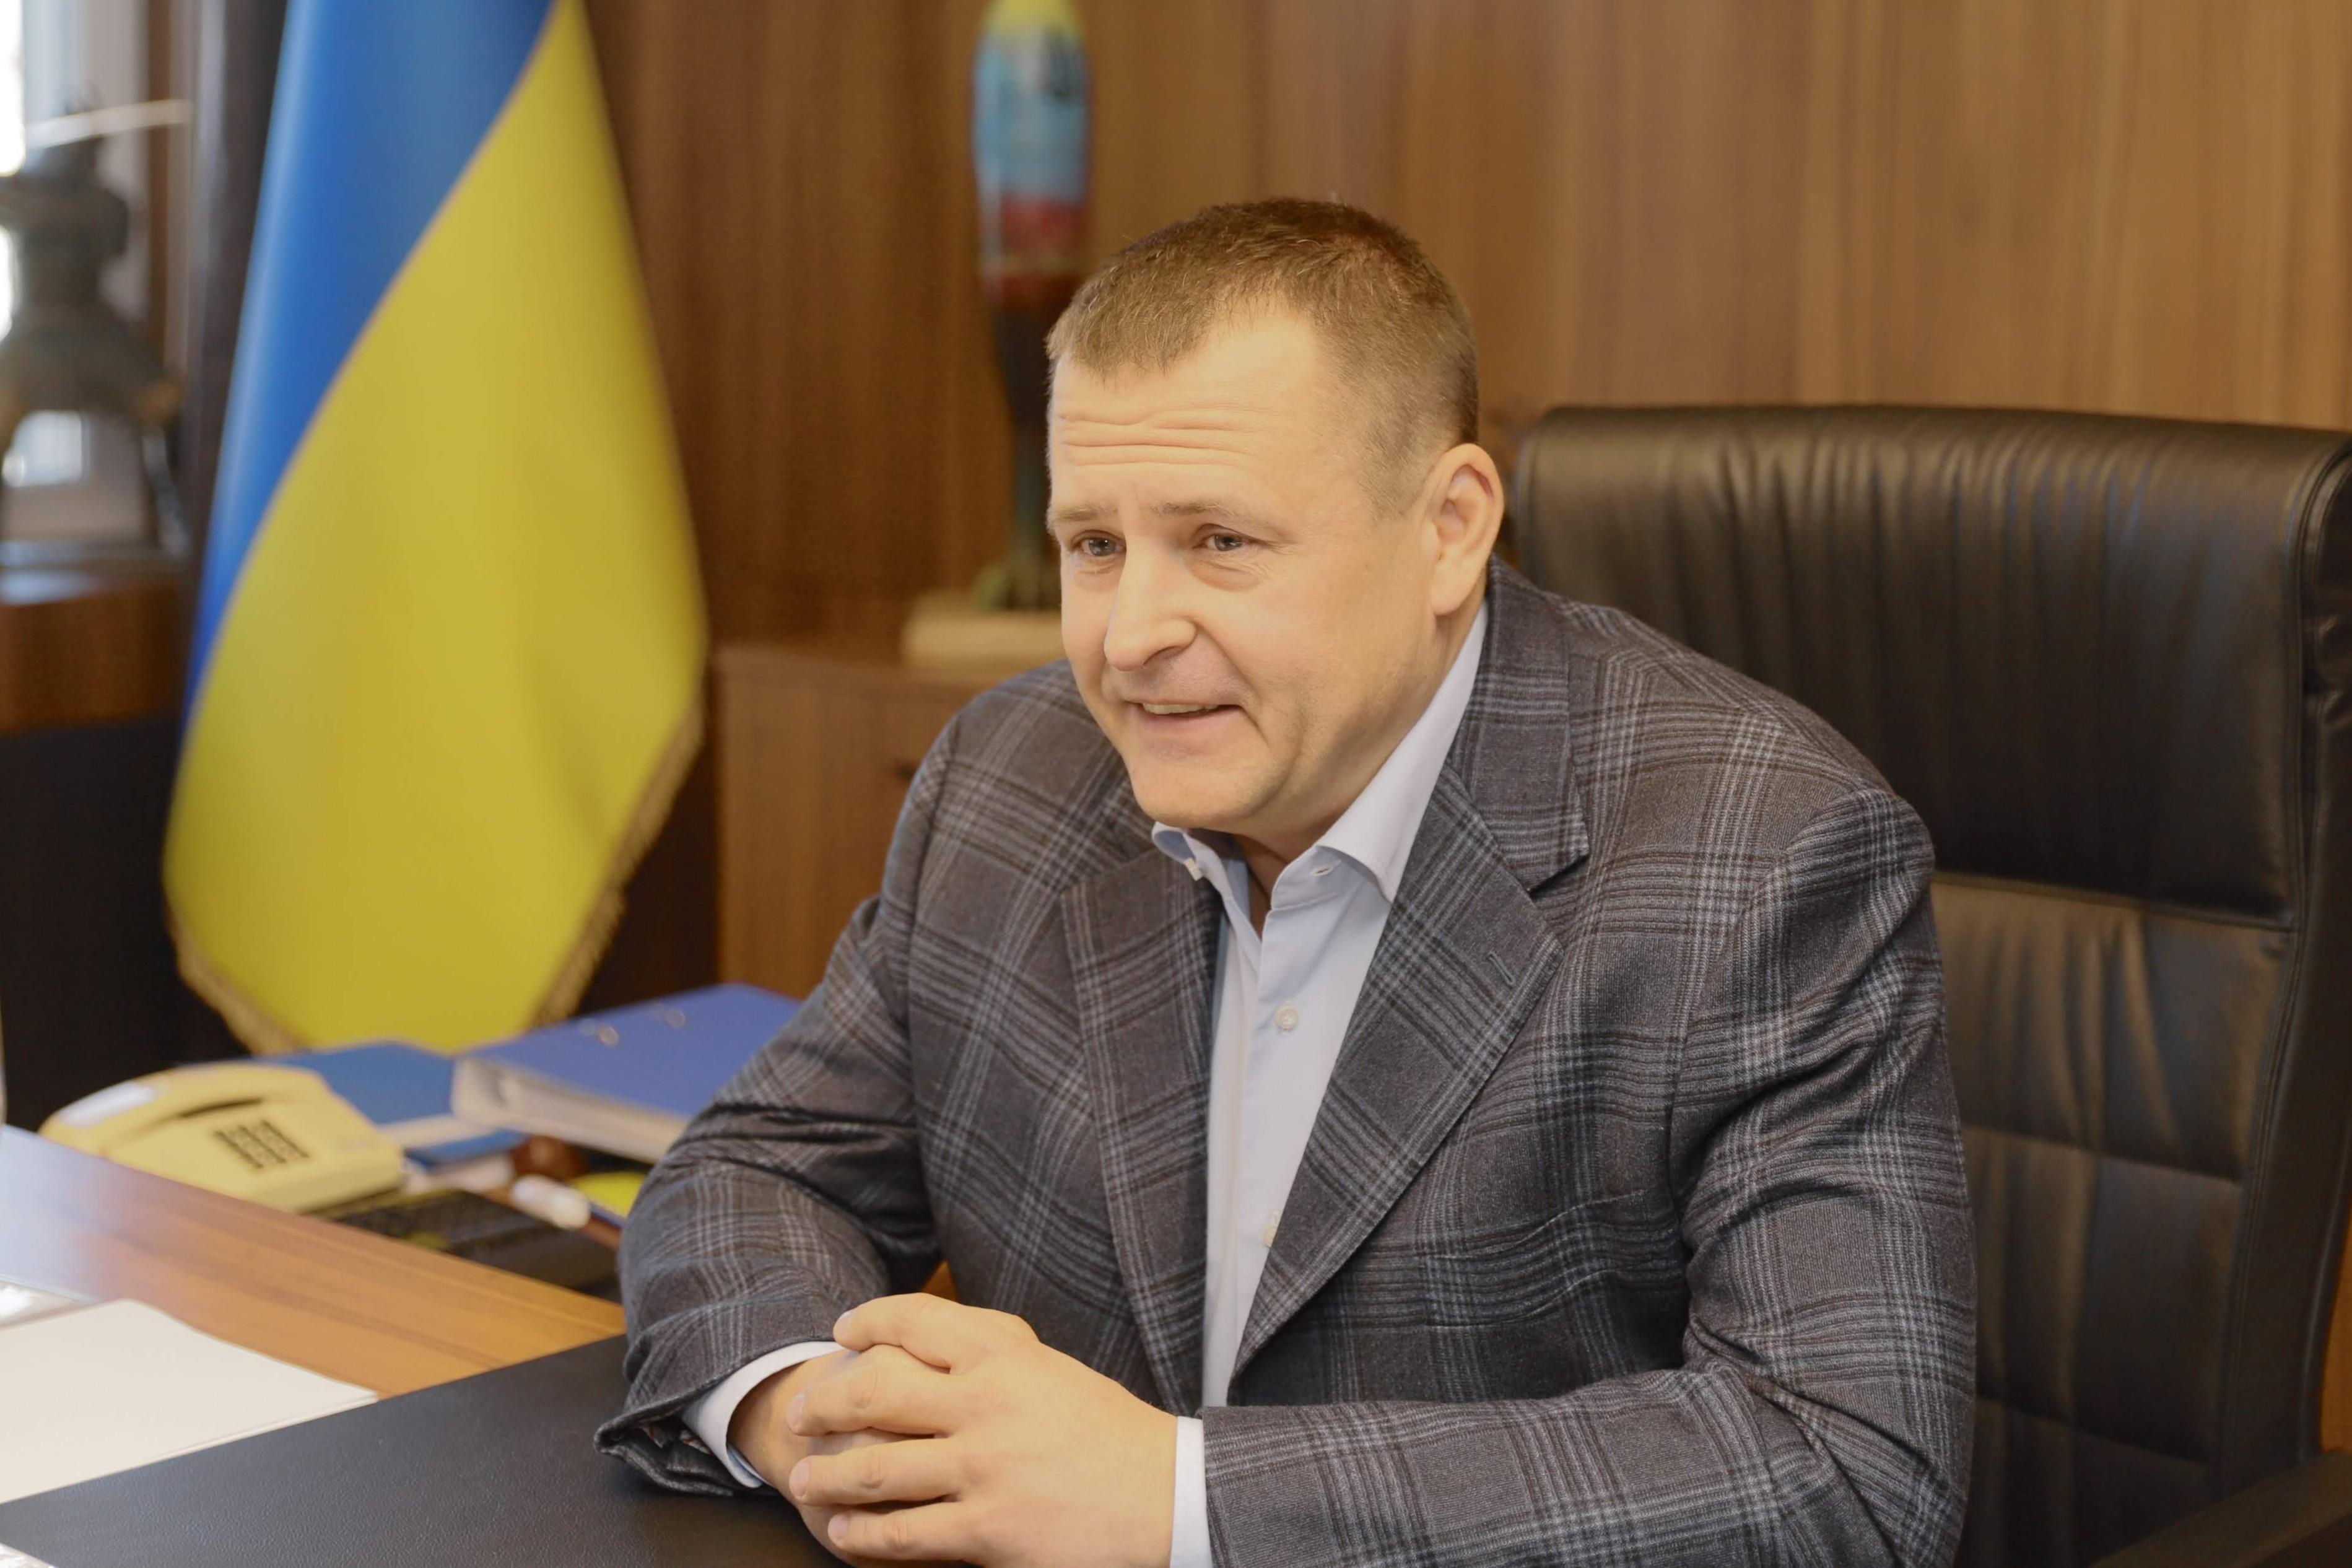 Филатов дал интервью изданию Корреспондент. Новости Днепра